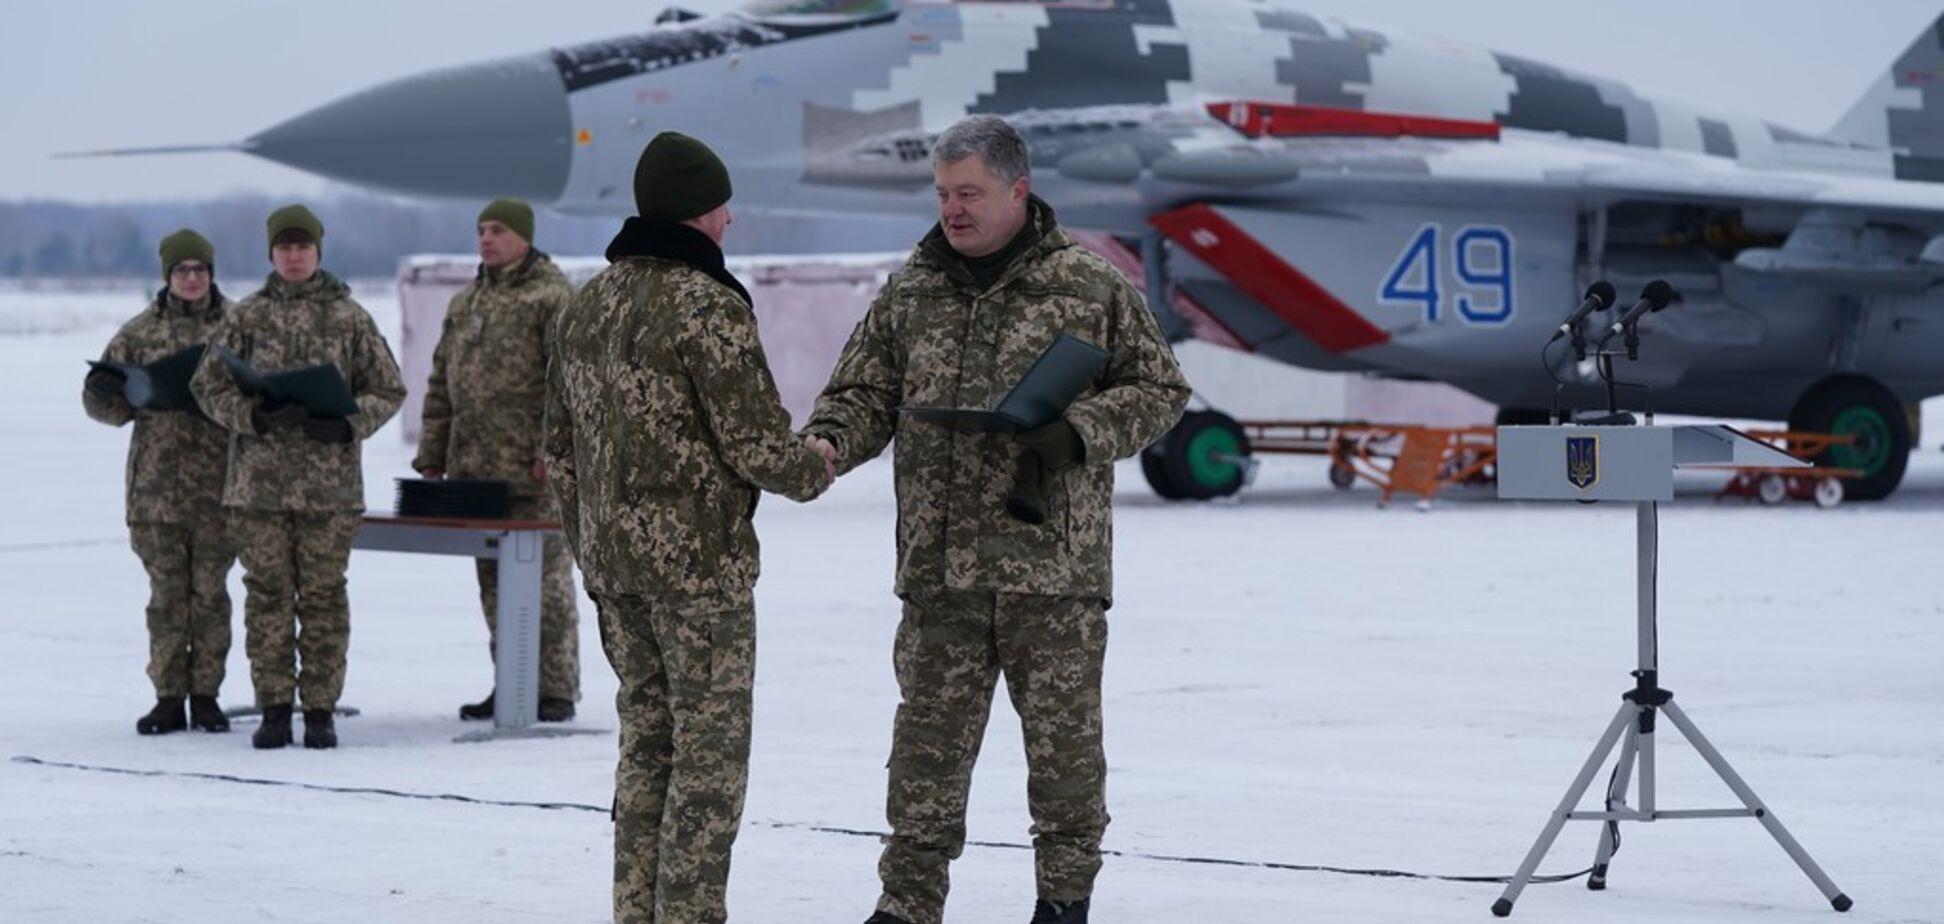 ЗСУ отримали сучасні бойові літаки: фоторепортаж